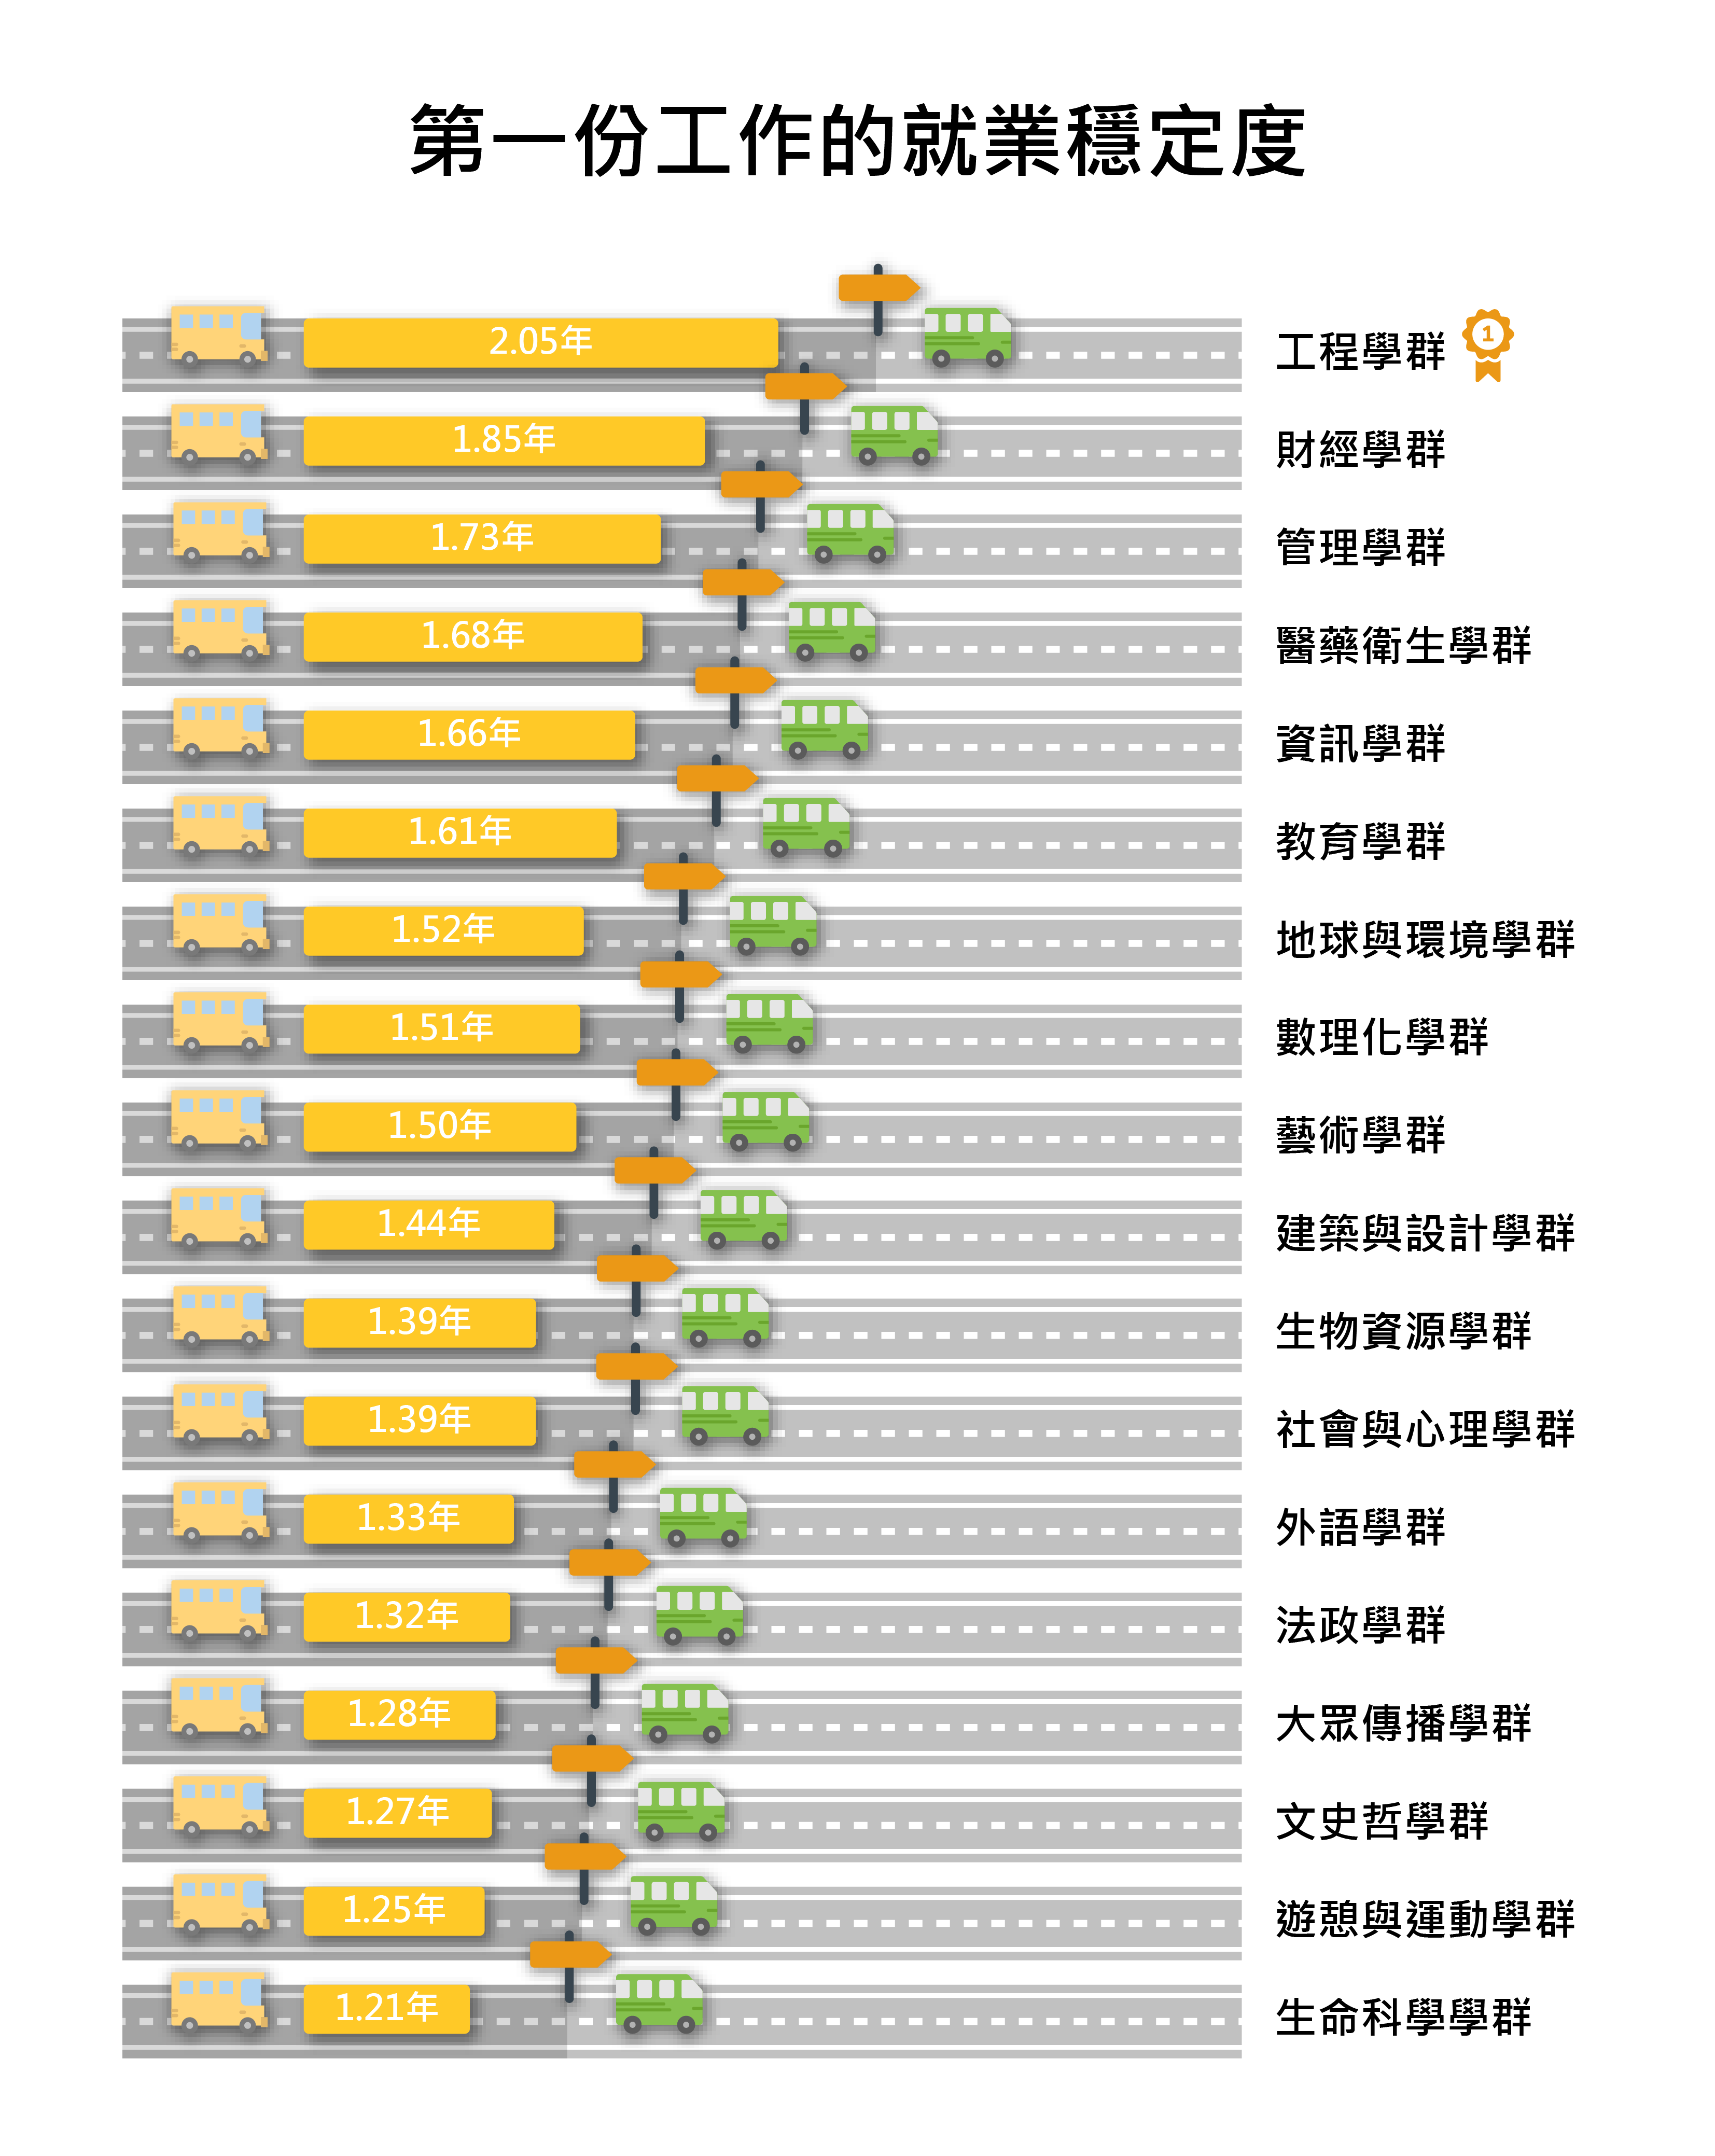 就業穩定度資訊來自1111人力銀行履歷資料庫。(圖/1111人力銀行職場大數據 提供)